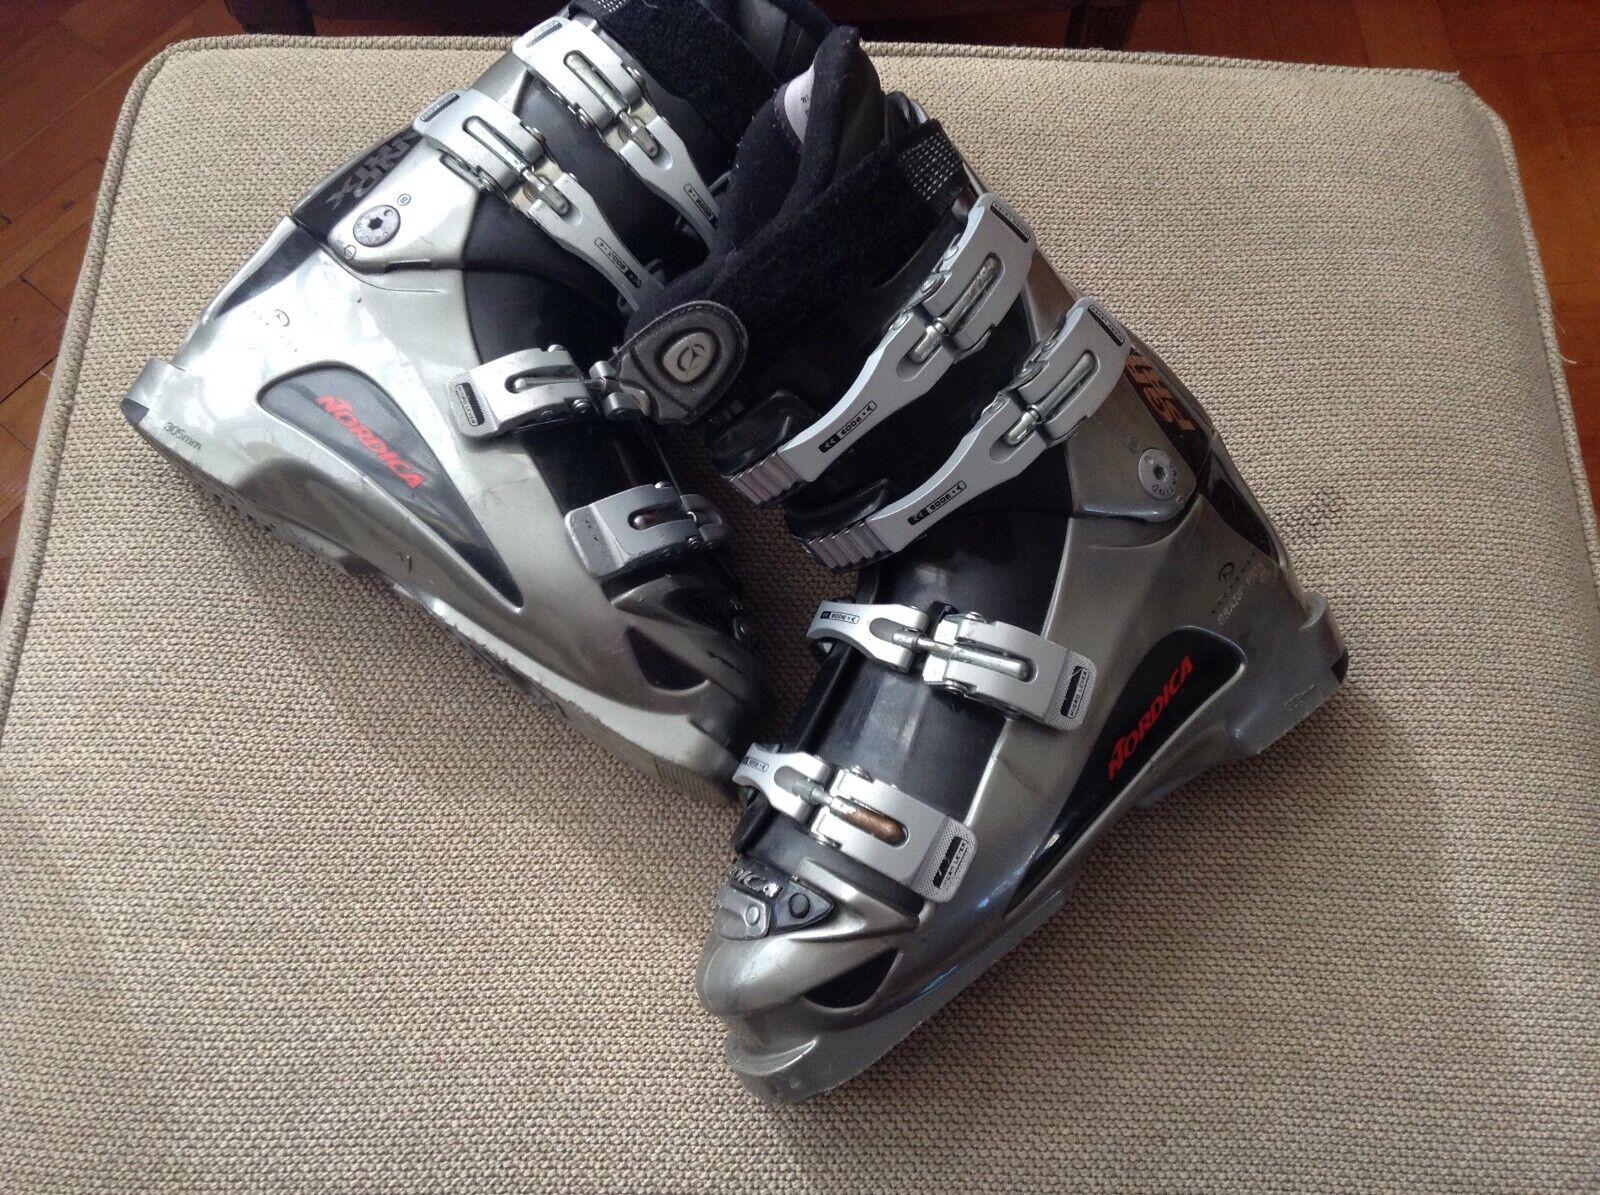 Gran Premio nórdico botas de esquí femenino uk7 mondo 26,5 suelas de zapatos 305mm